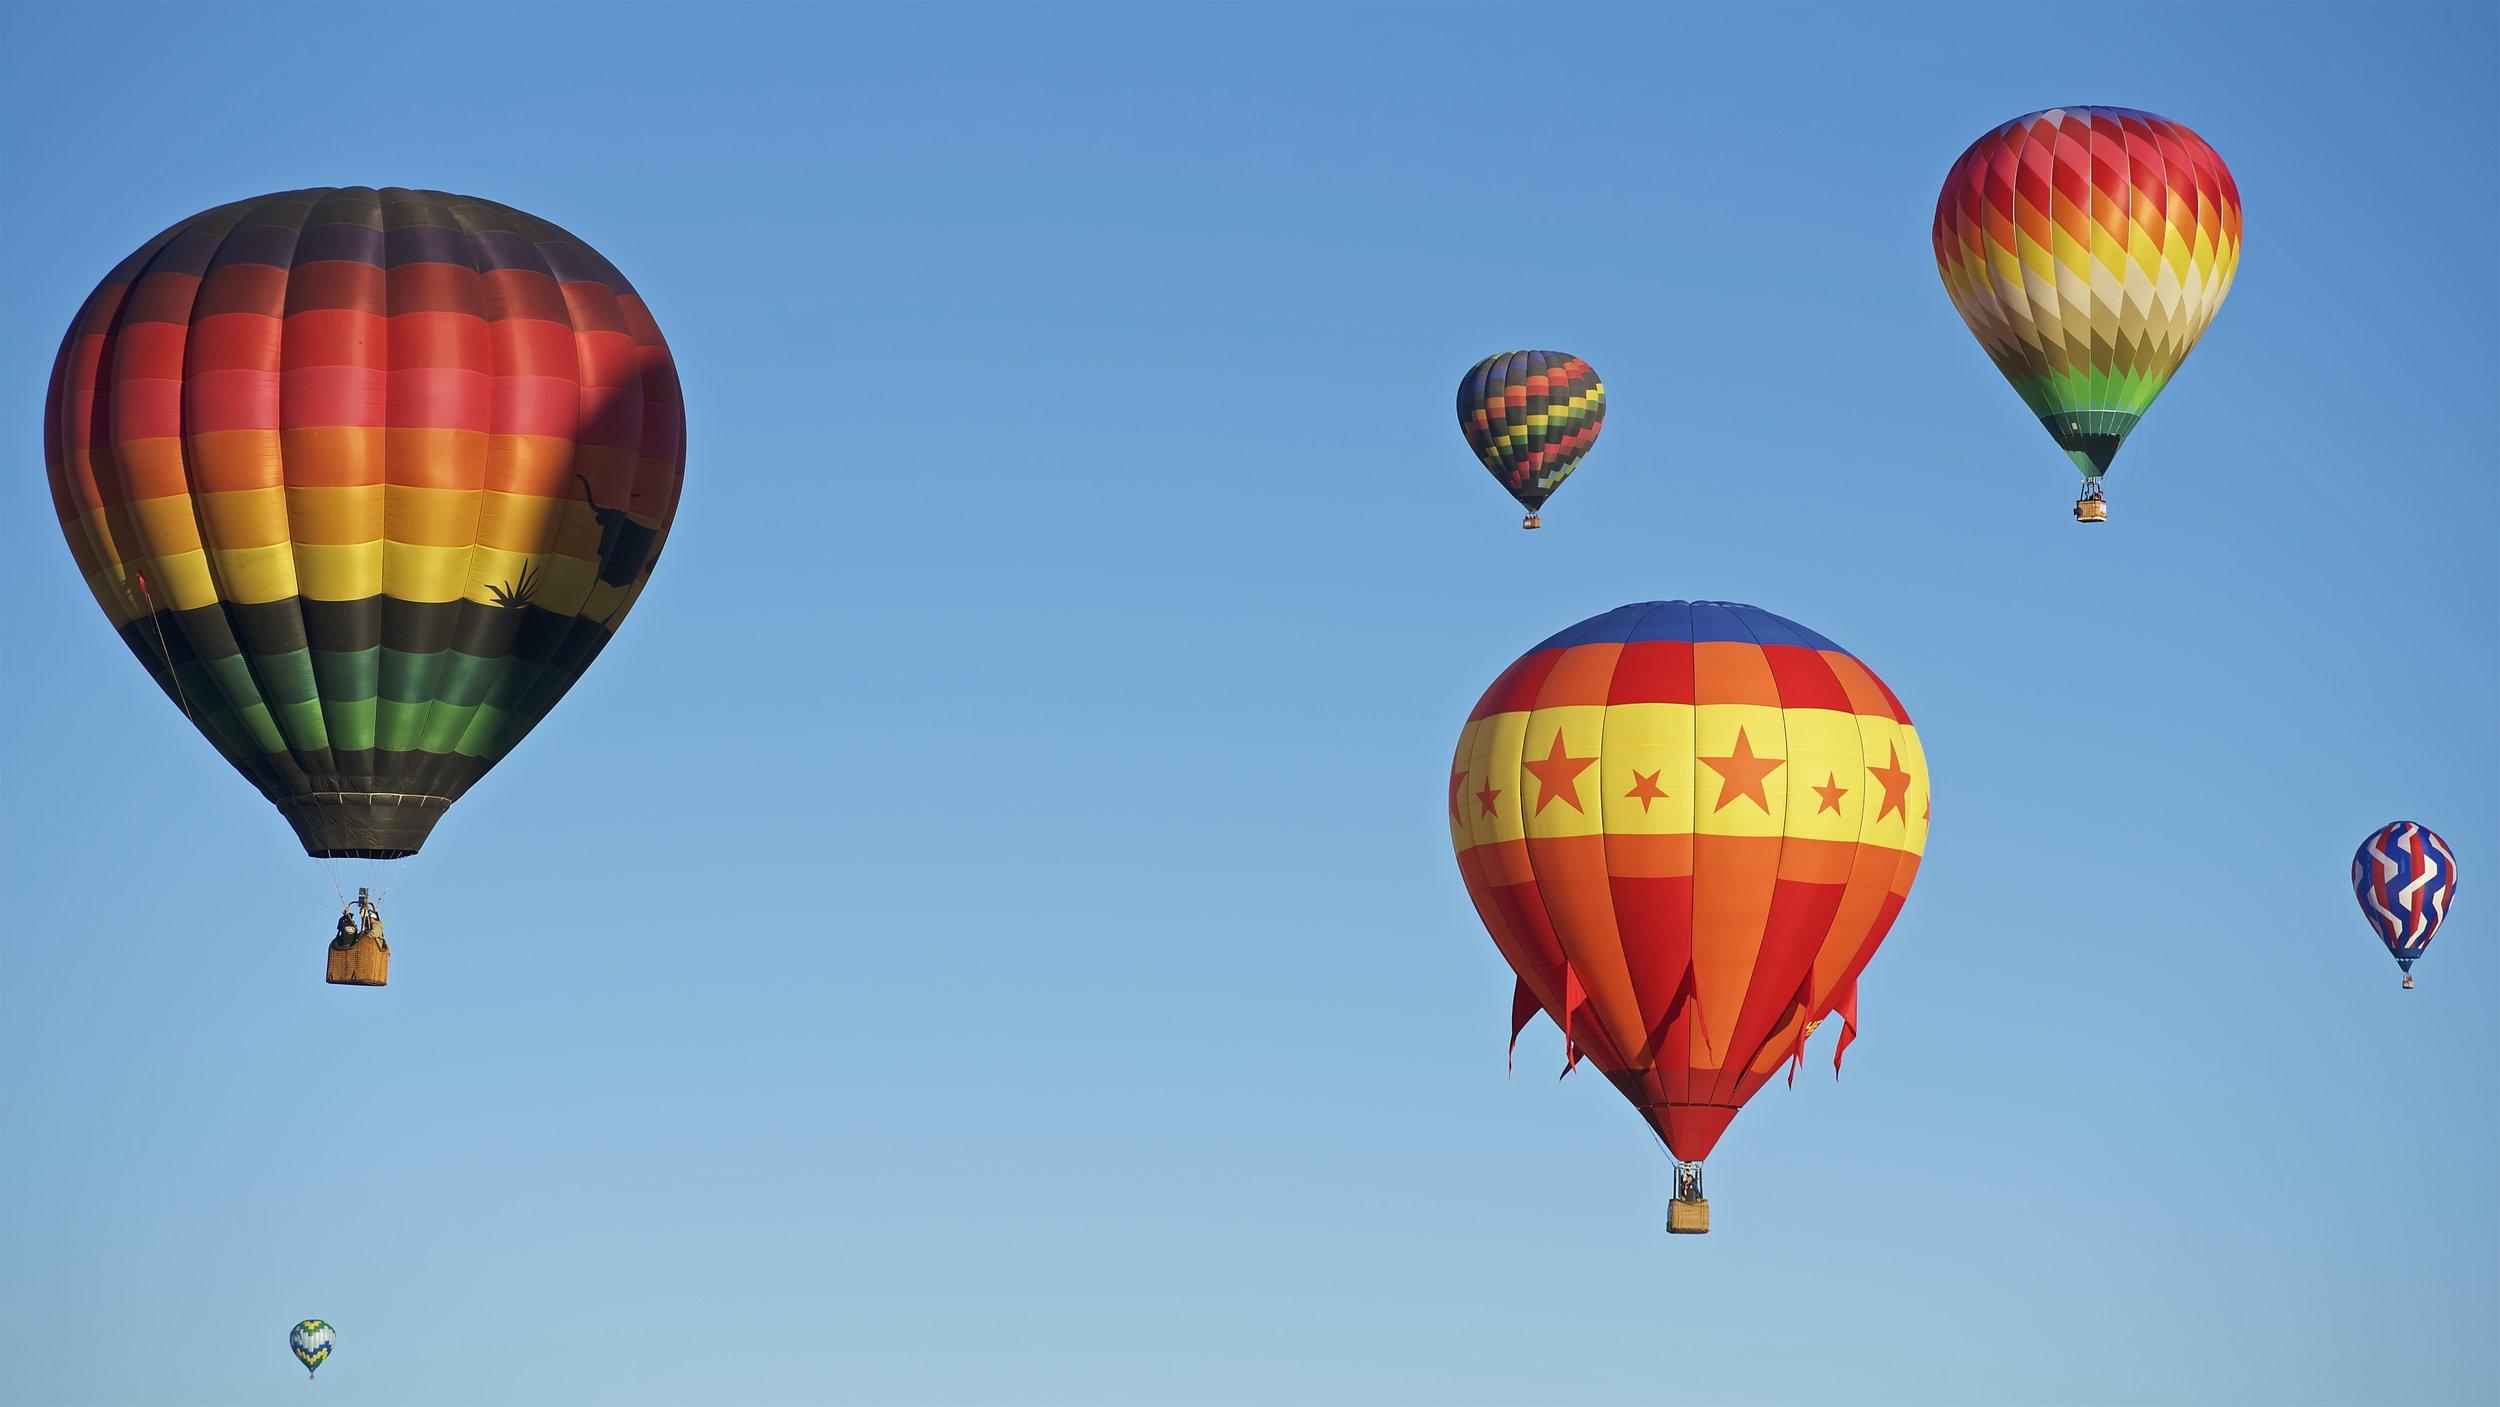 5 Balloons